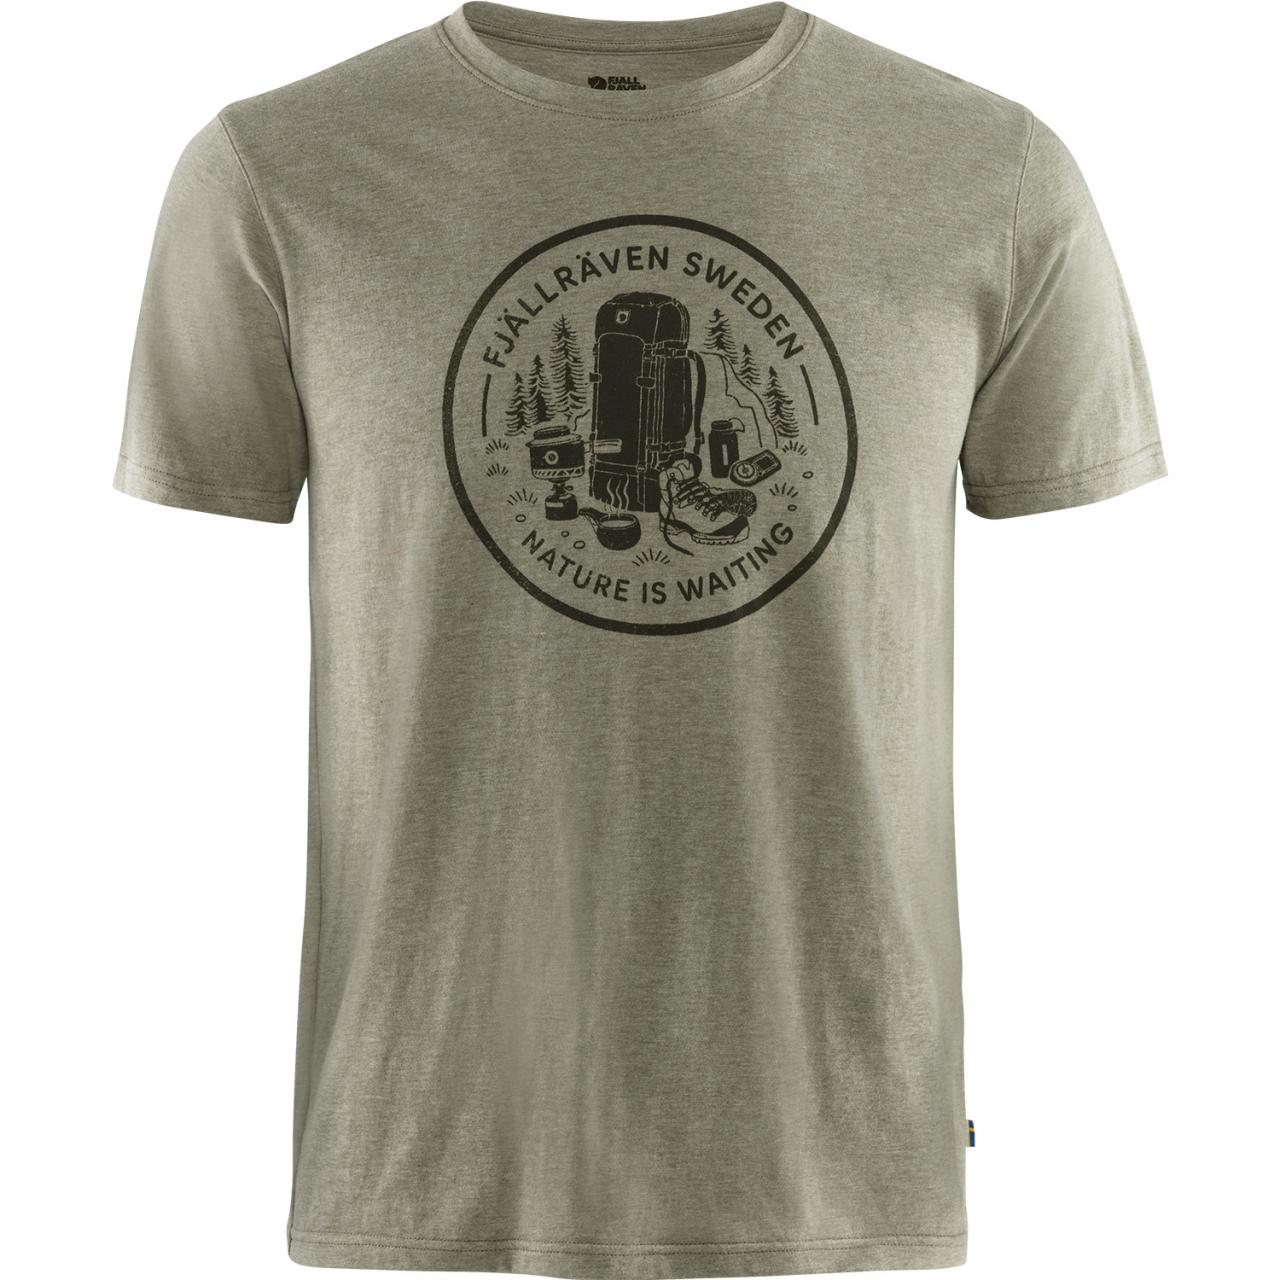 Fjallraven Fikapaus T-shirt Heren - Groen